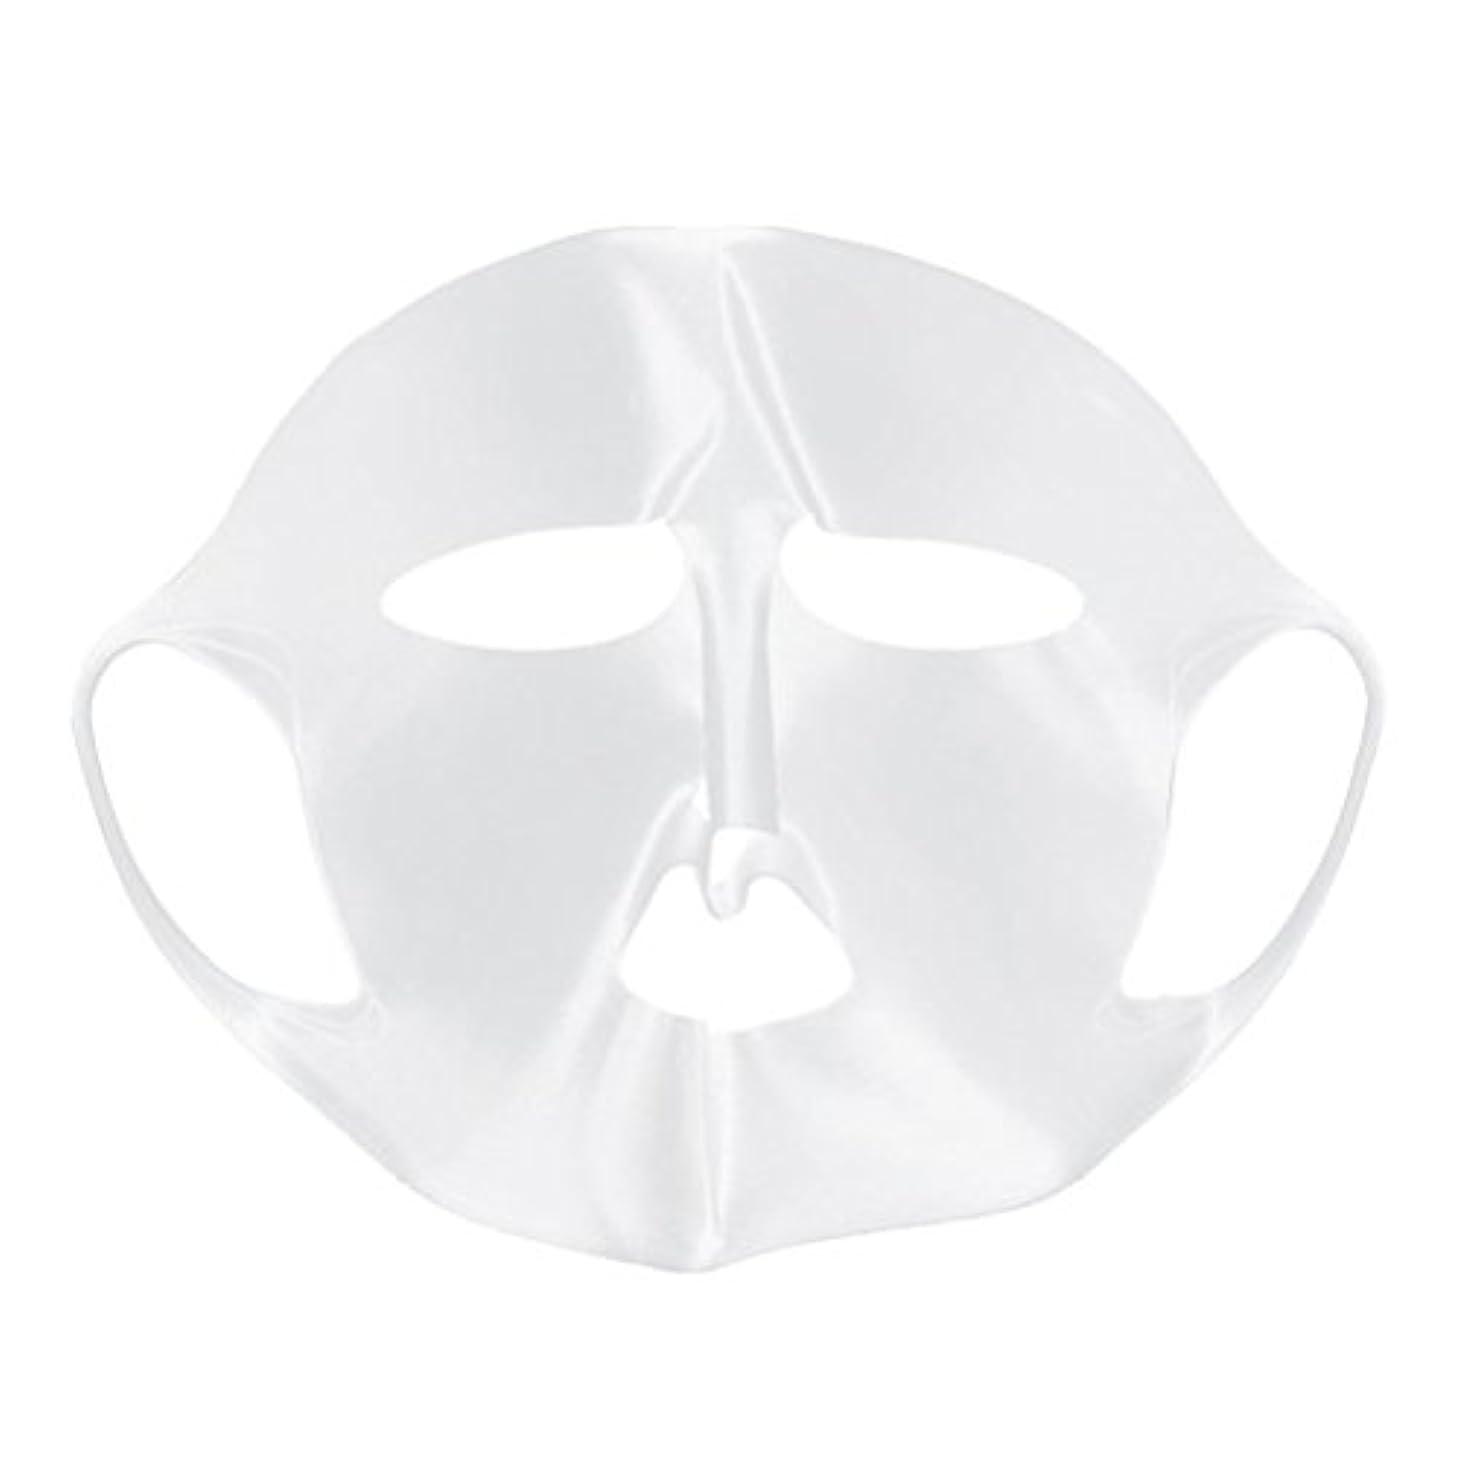 ペニー確率卑しいBeaupretty シートマスクカバーのためのシリコーンの再使用可能な顔のマスクカバー顔の保湿マスク